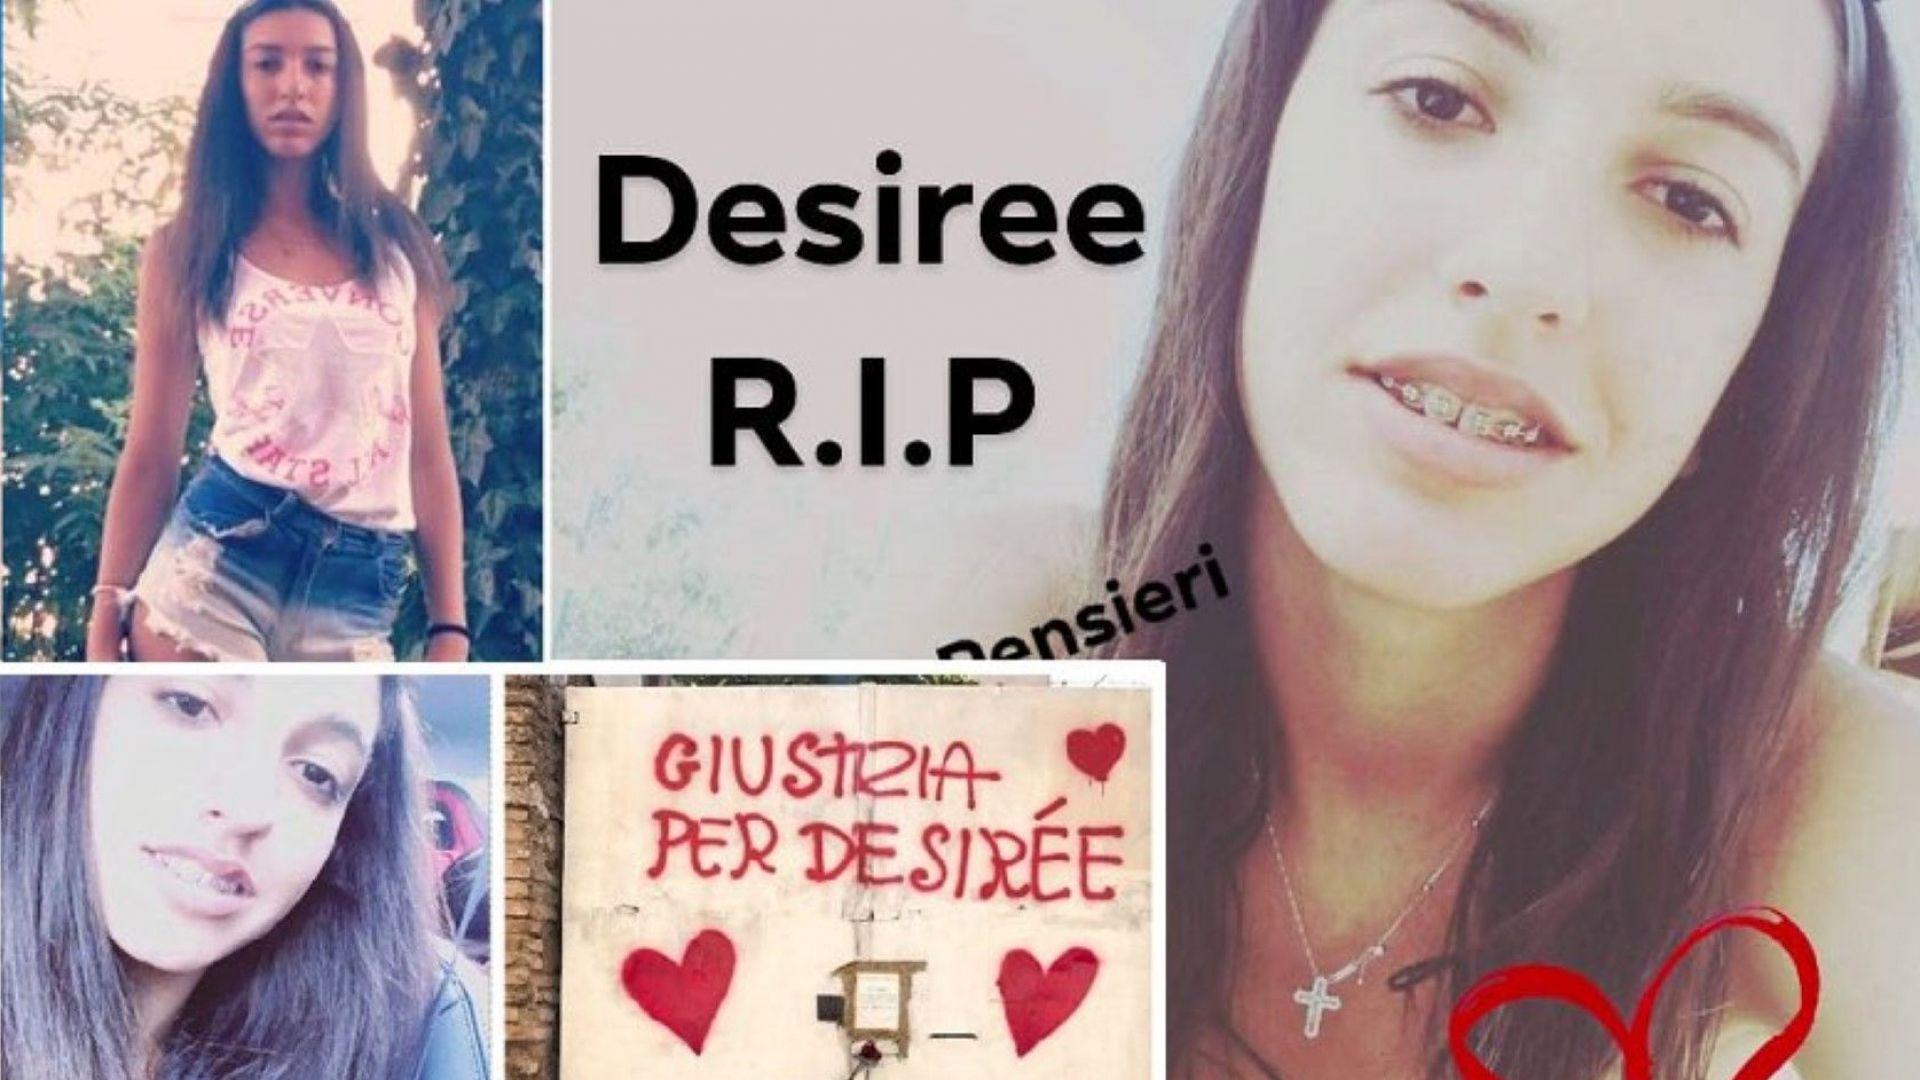 Българин е свидетел на жестокото убийство на 16-годишната италианка